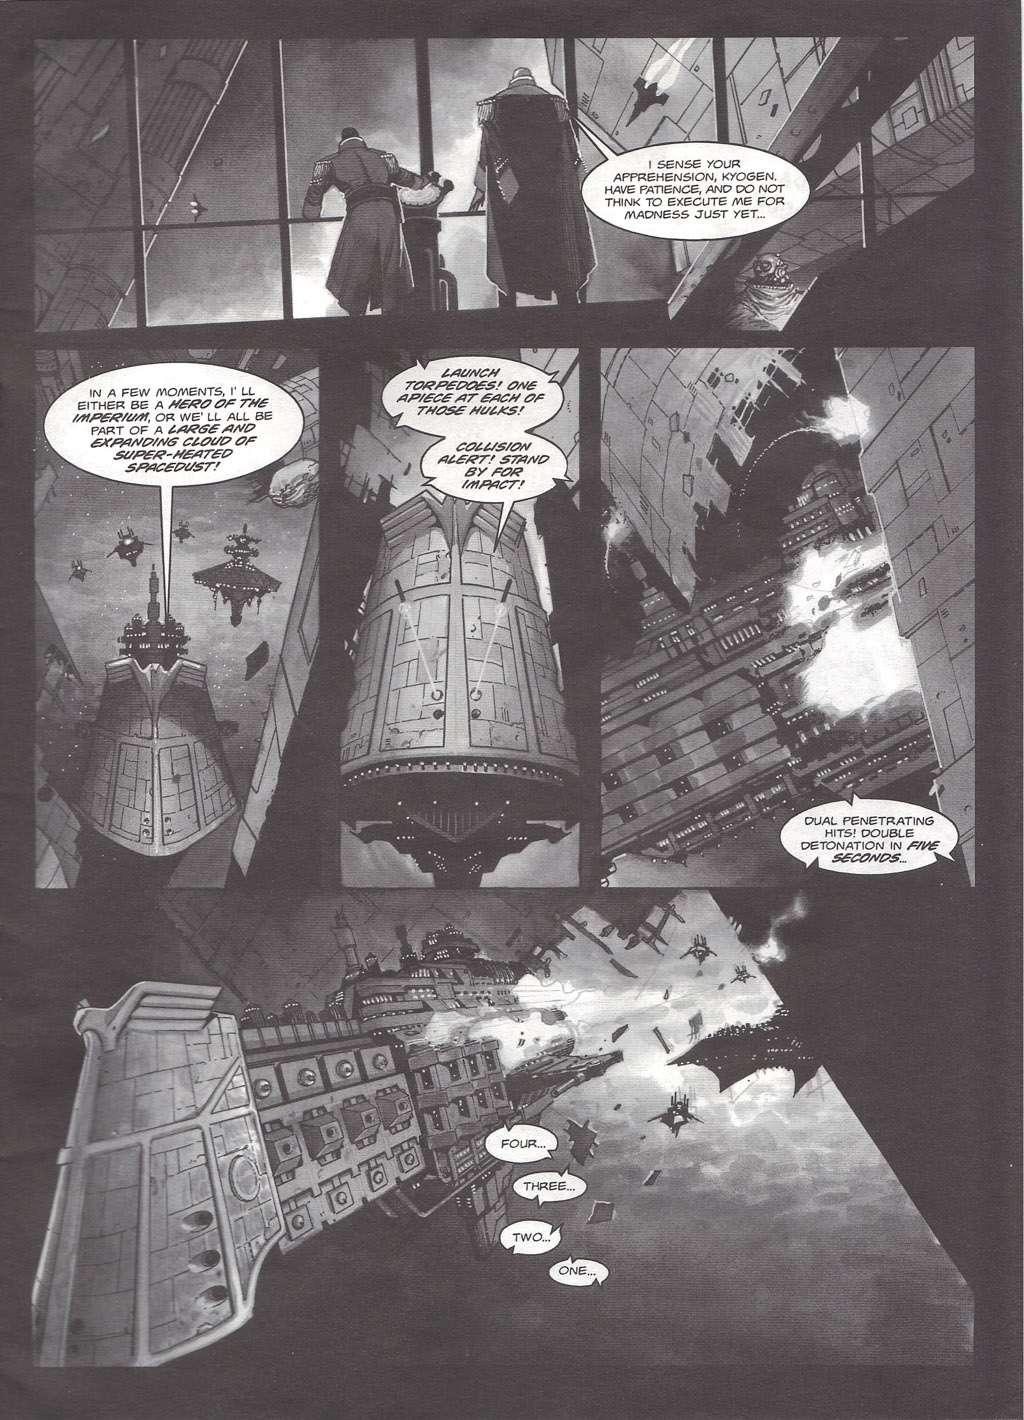 [GALERIE] Artworks - Page 7 Bfg_ge27